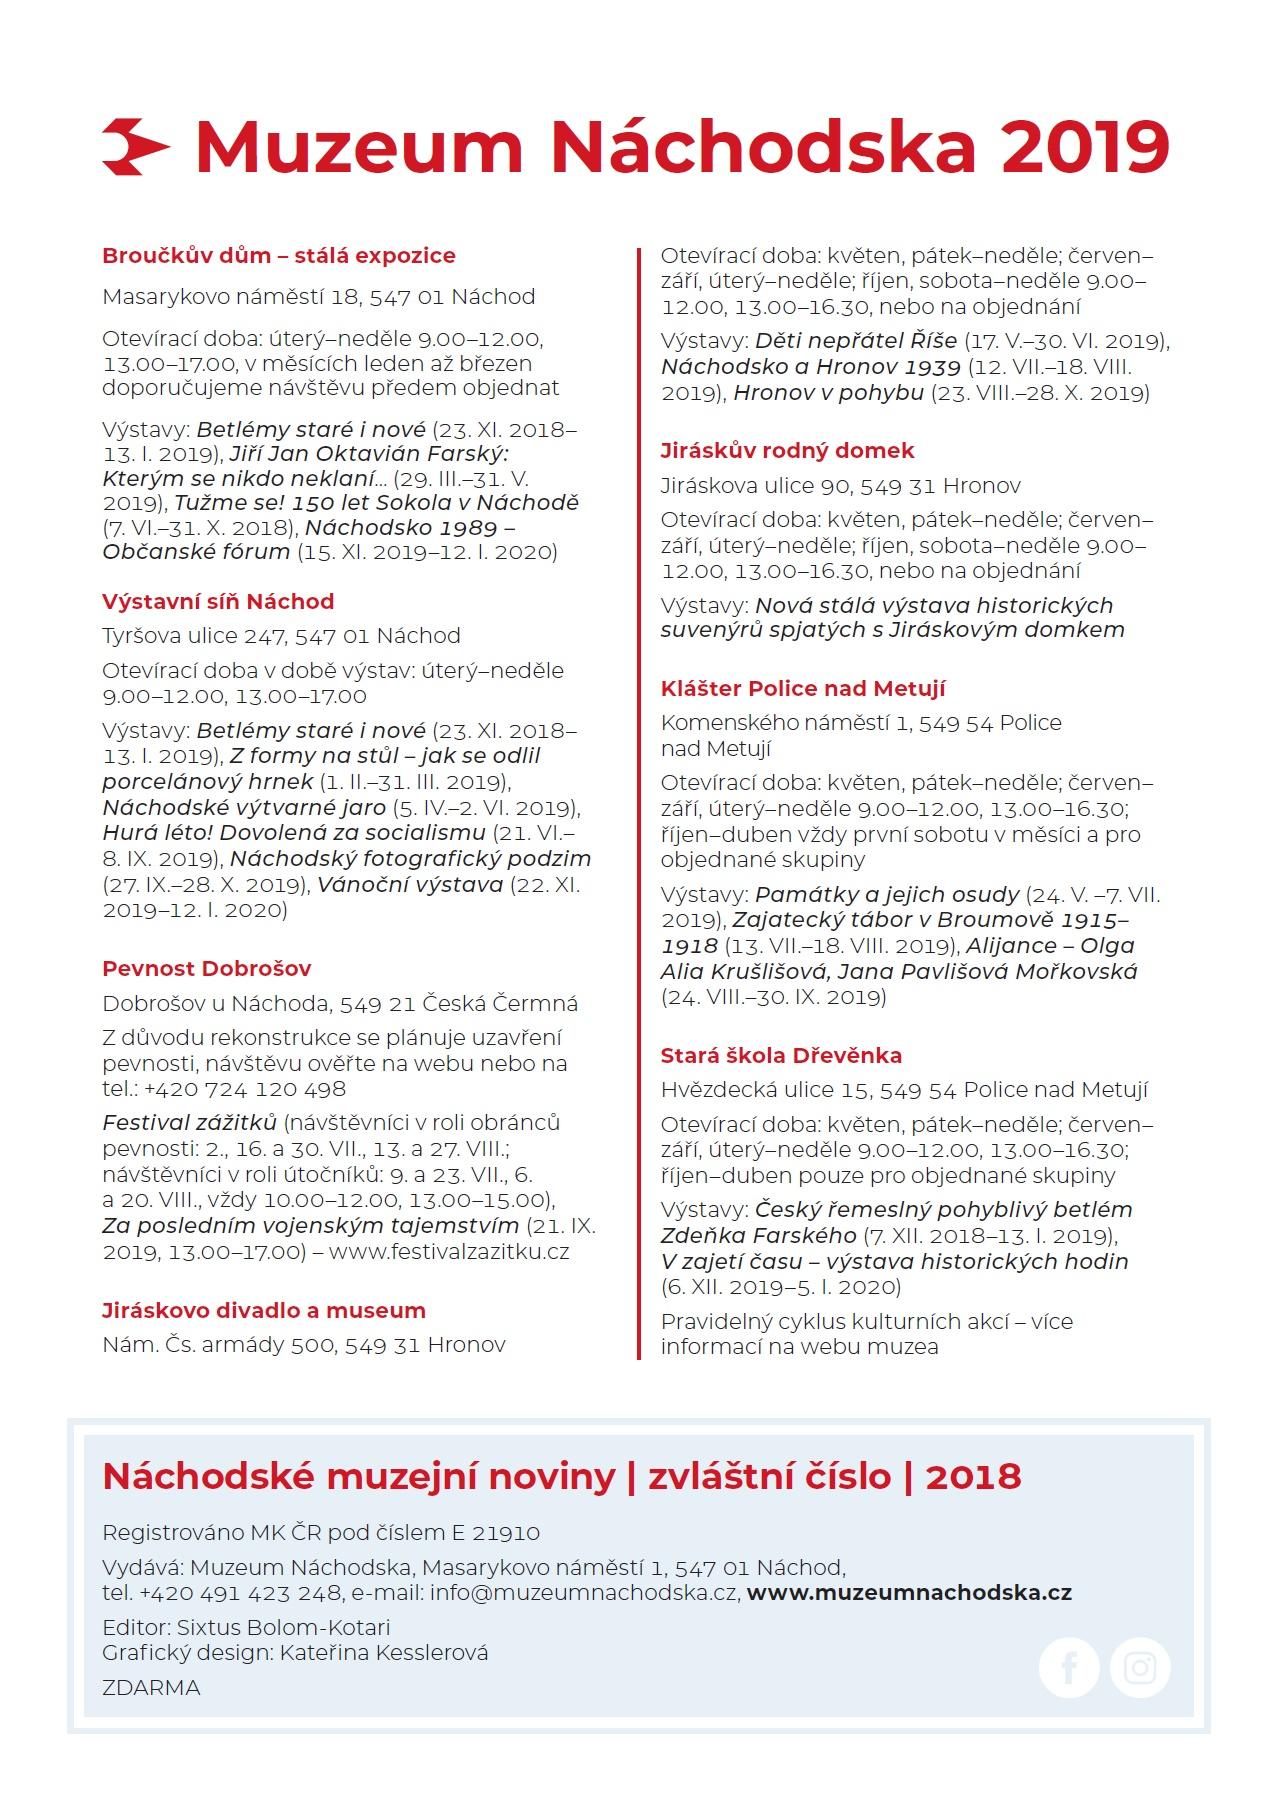 Náchodské muzejní noviny 3 2018